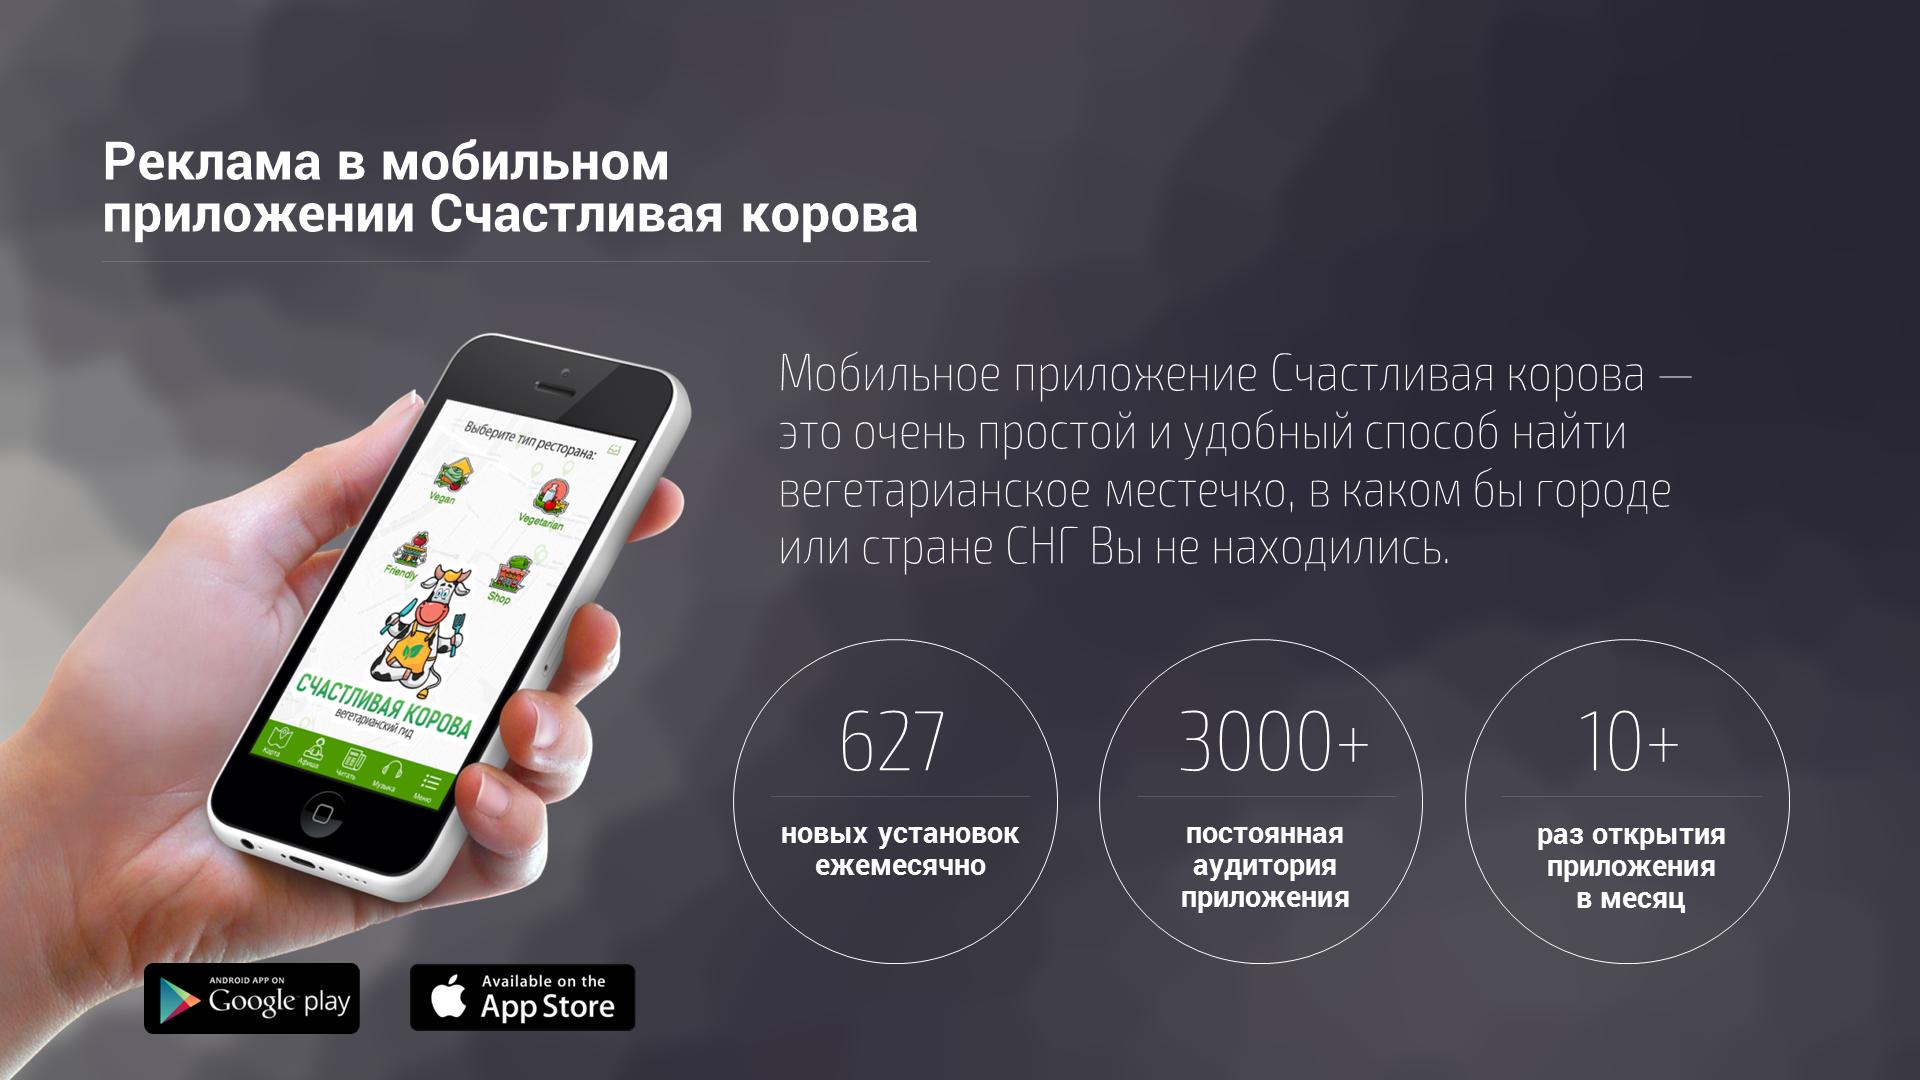 Презентация мобильного приложения Счастливая Корова (2017)